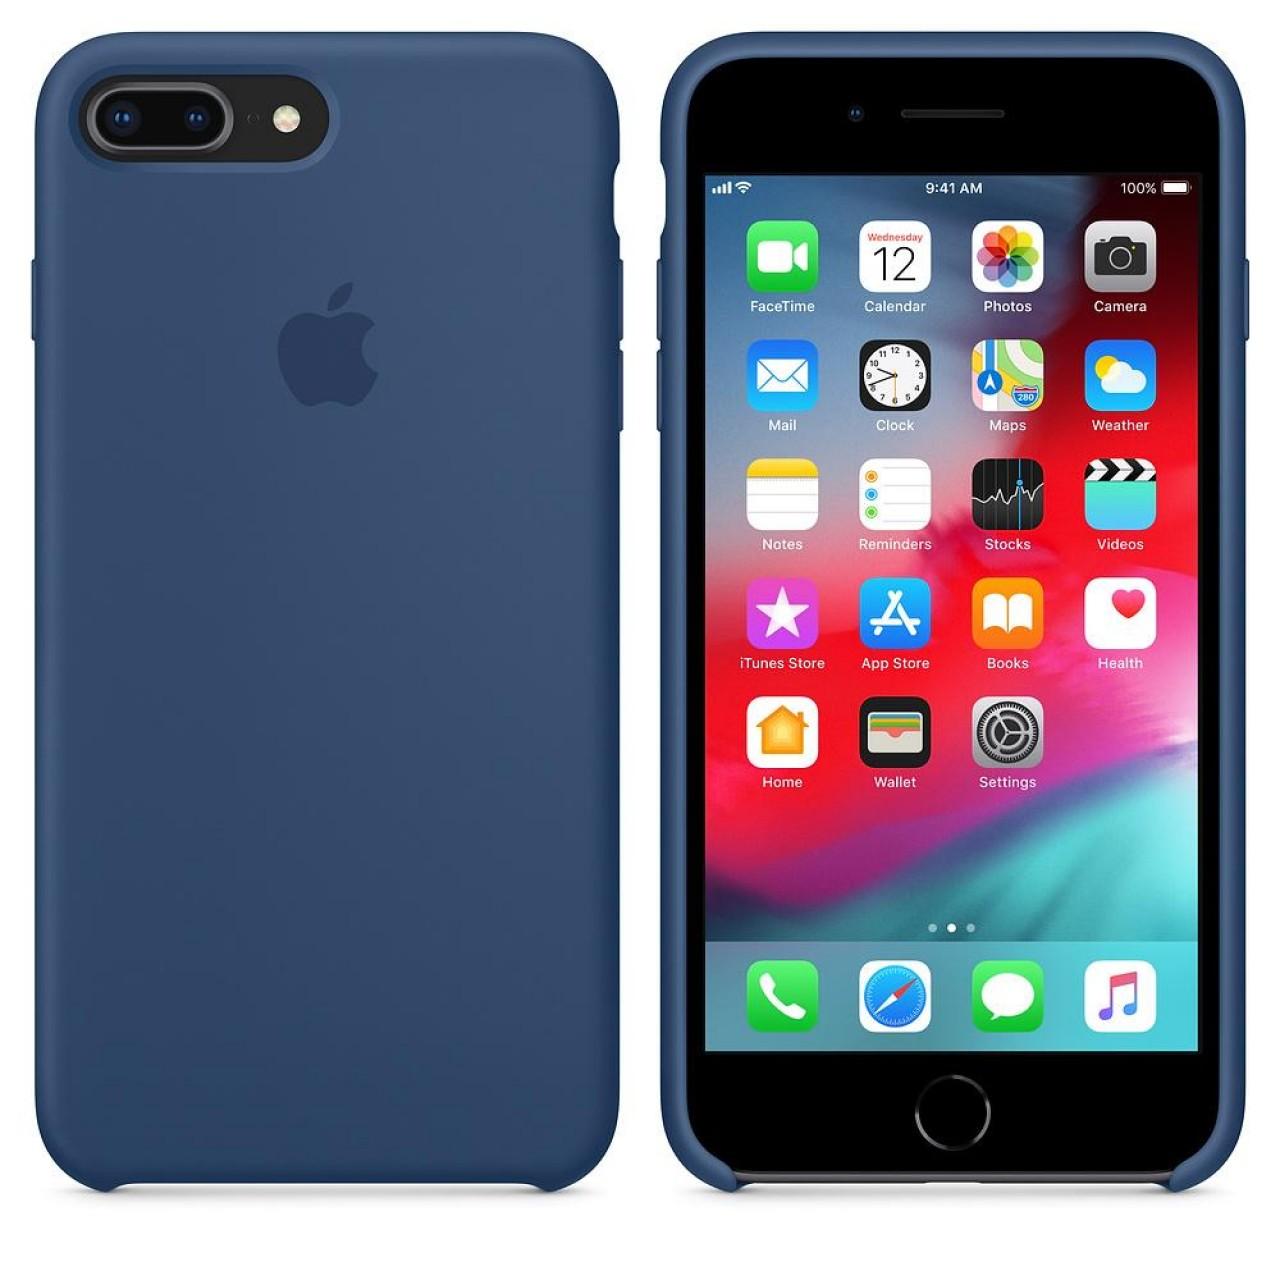 ΘΗΚΗ ΠΡΟΣΤΑΣΙΑΣ ΣΙΛΙΚΟΝΗΣ ΓΙΑ iPhone 7 / 8 PLUS ΜΠΛΕ - BACK COVER SILICONE CASE NAVY BLUE - OEM